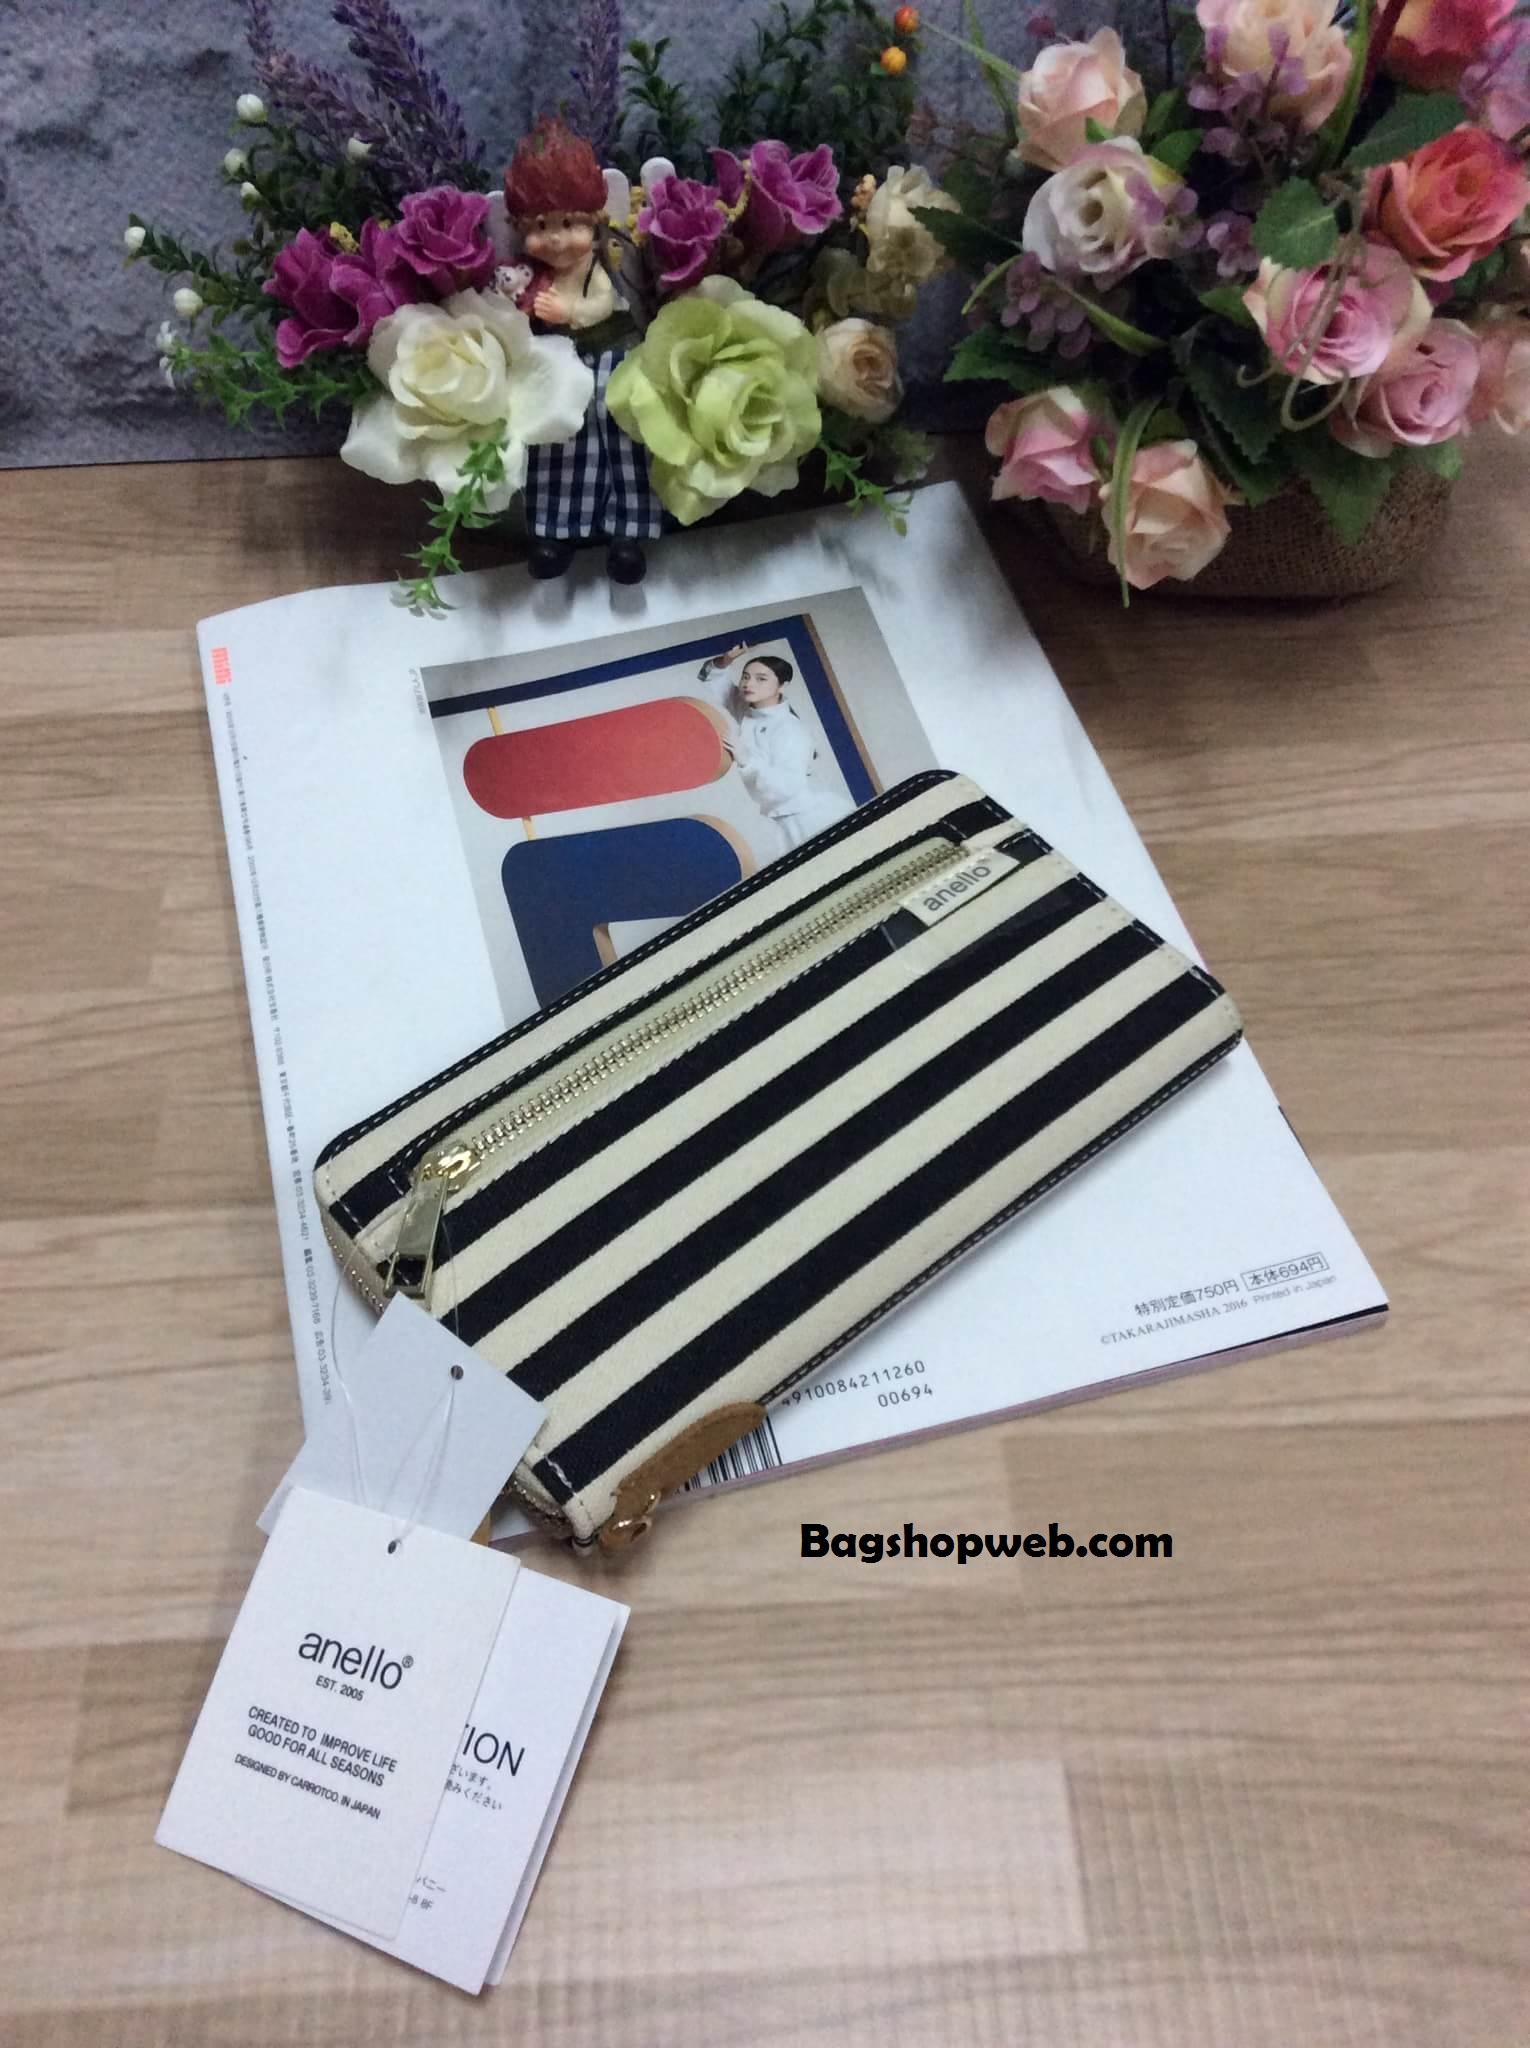 กระเป๋าสตางค์ Anello long wallet กระเป๋าสตางค์ทรงยาว แบบซิปรอบ น่ารักมากค่ะ แบบที่ 4